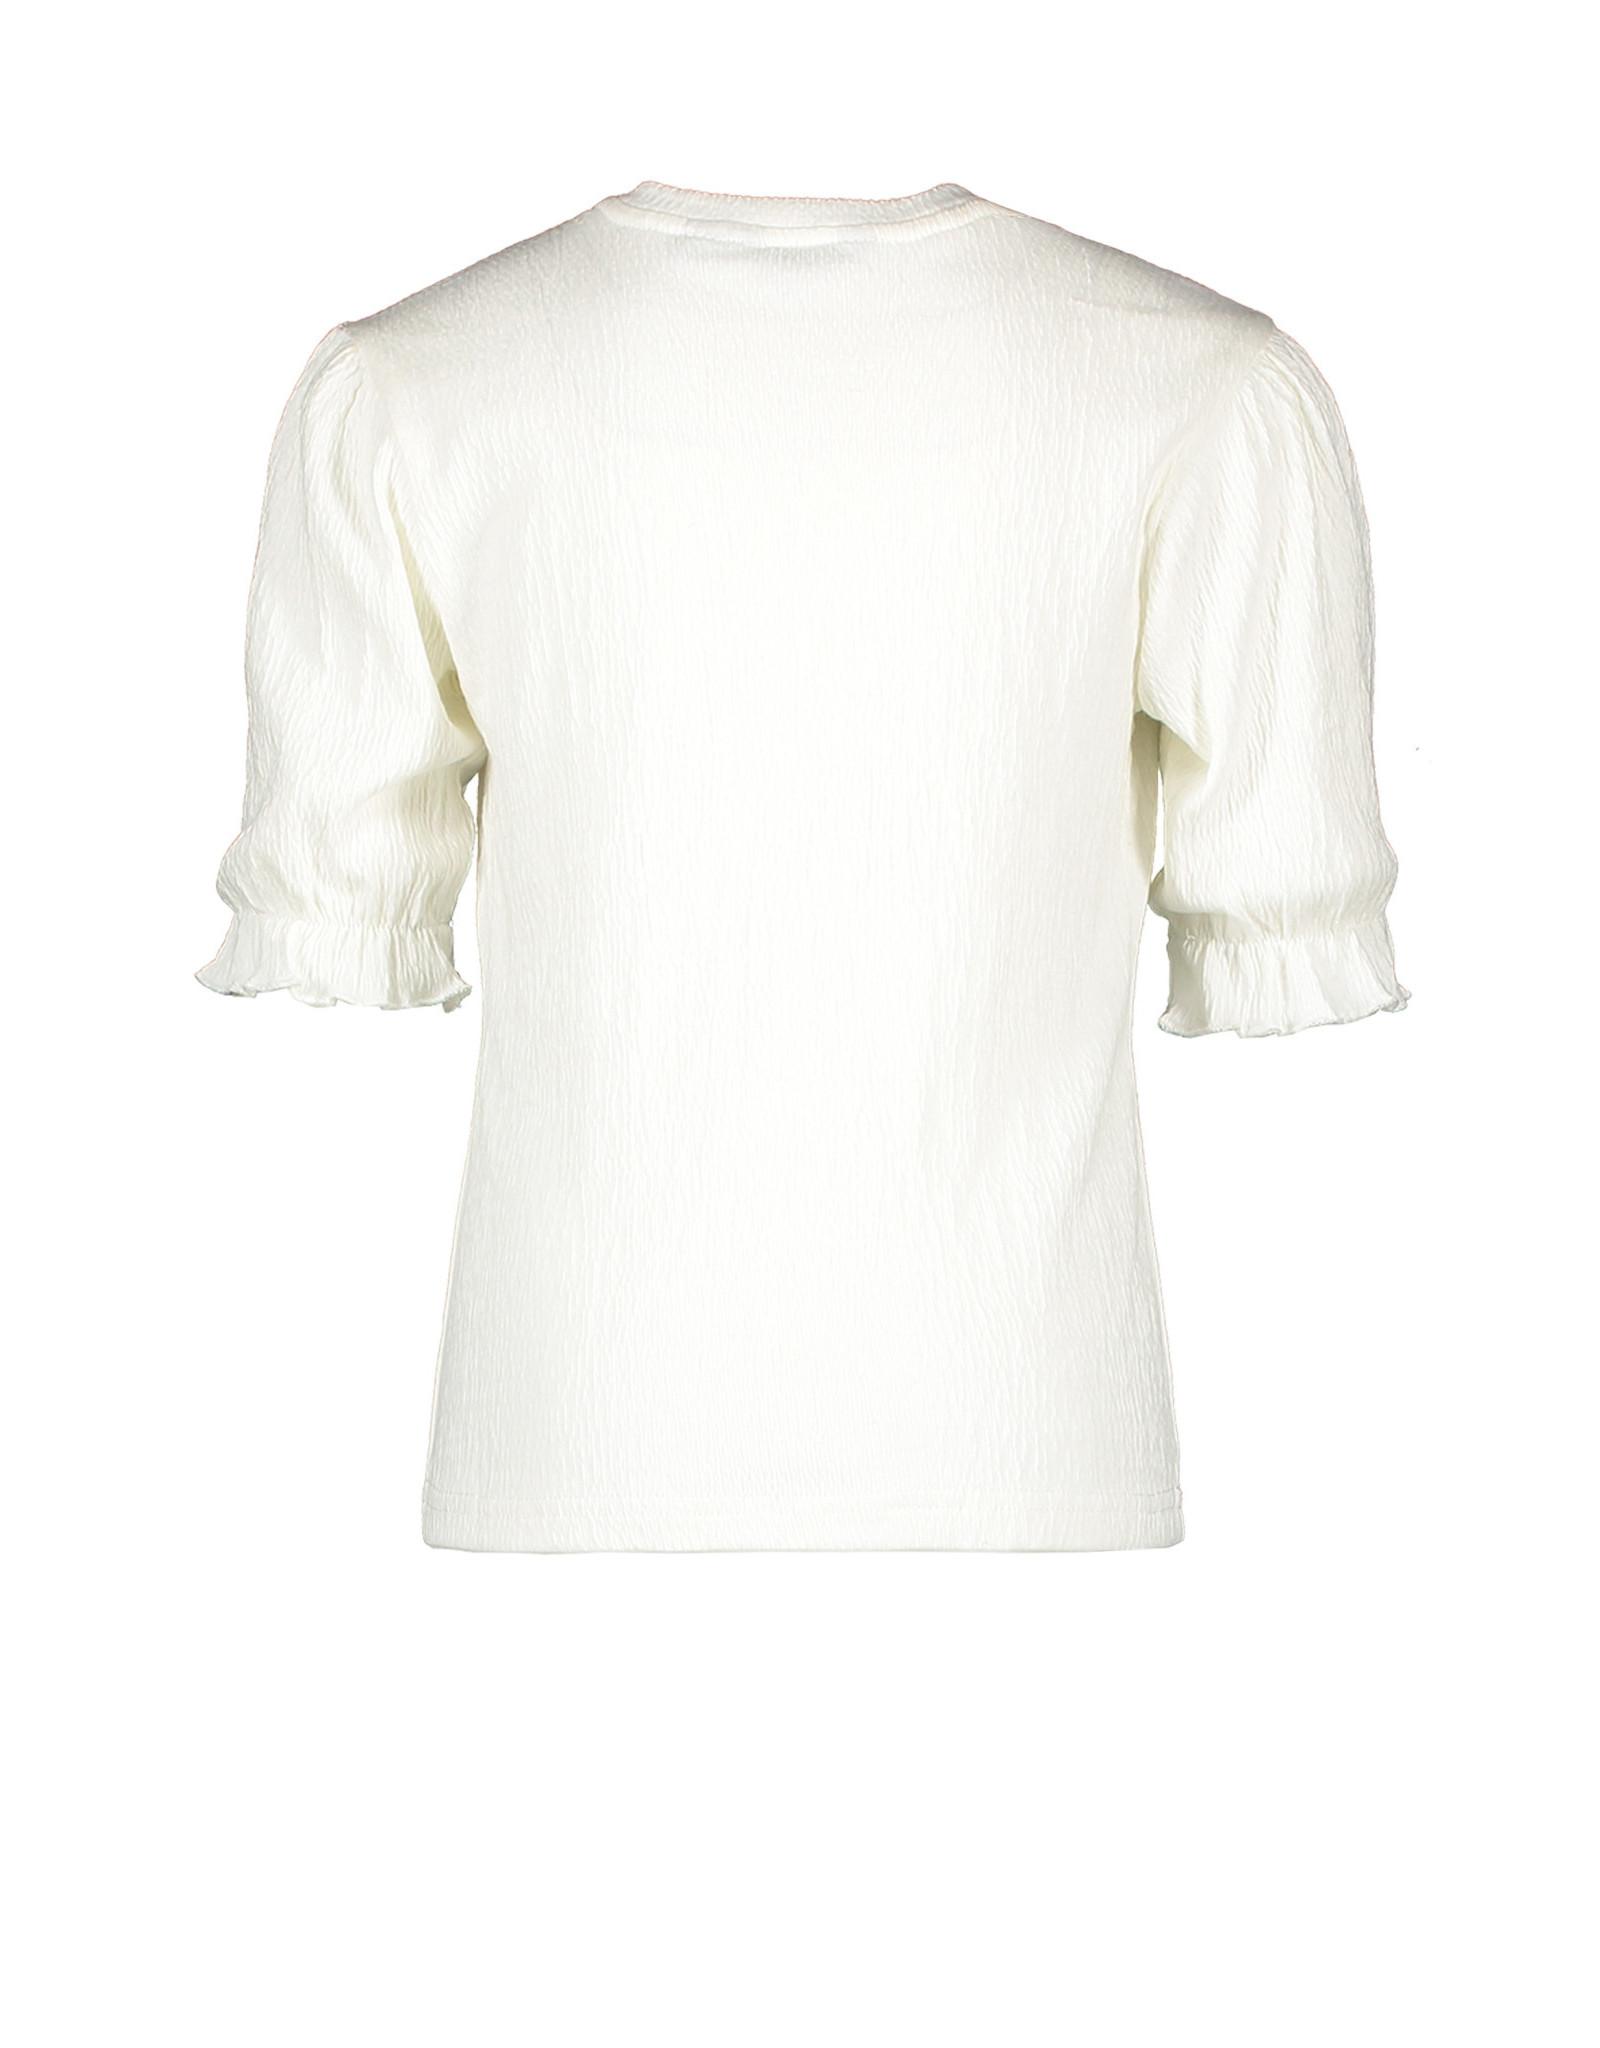 Moodstreet Moodstreet meisjes shirt met borduursel Warm White